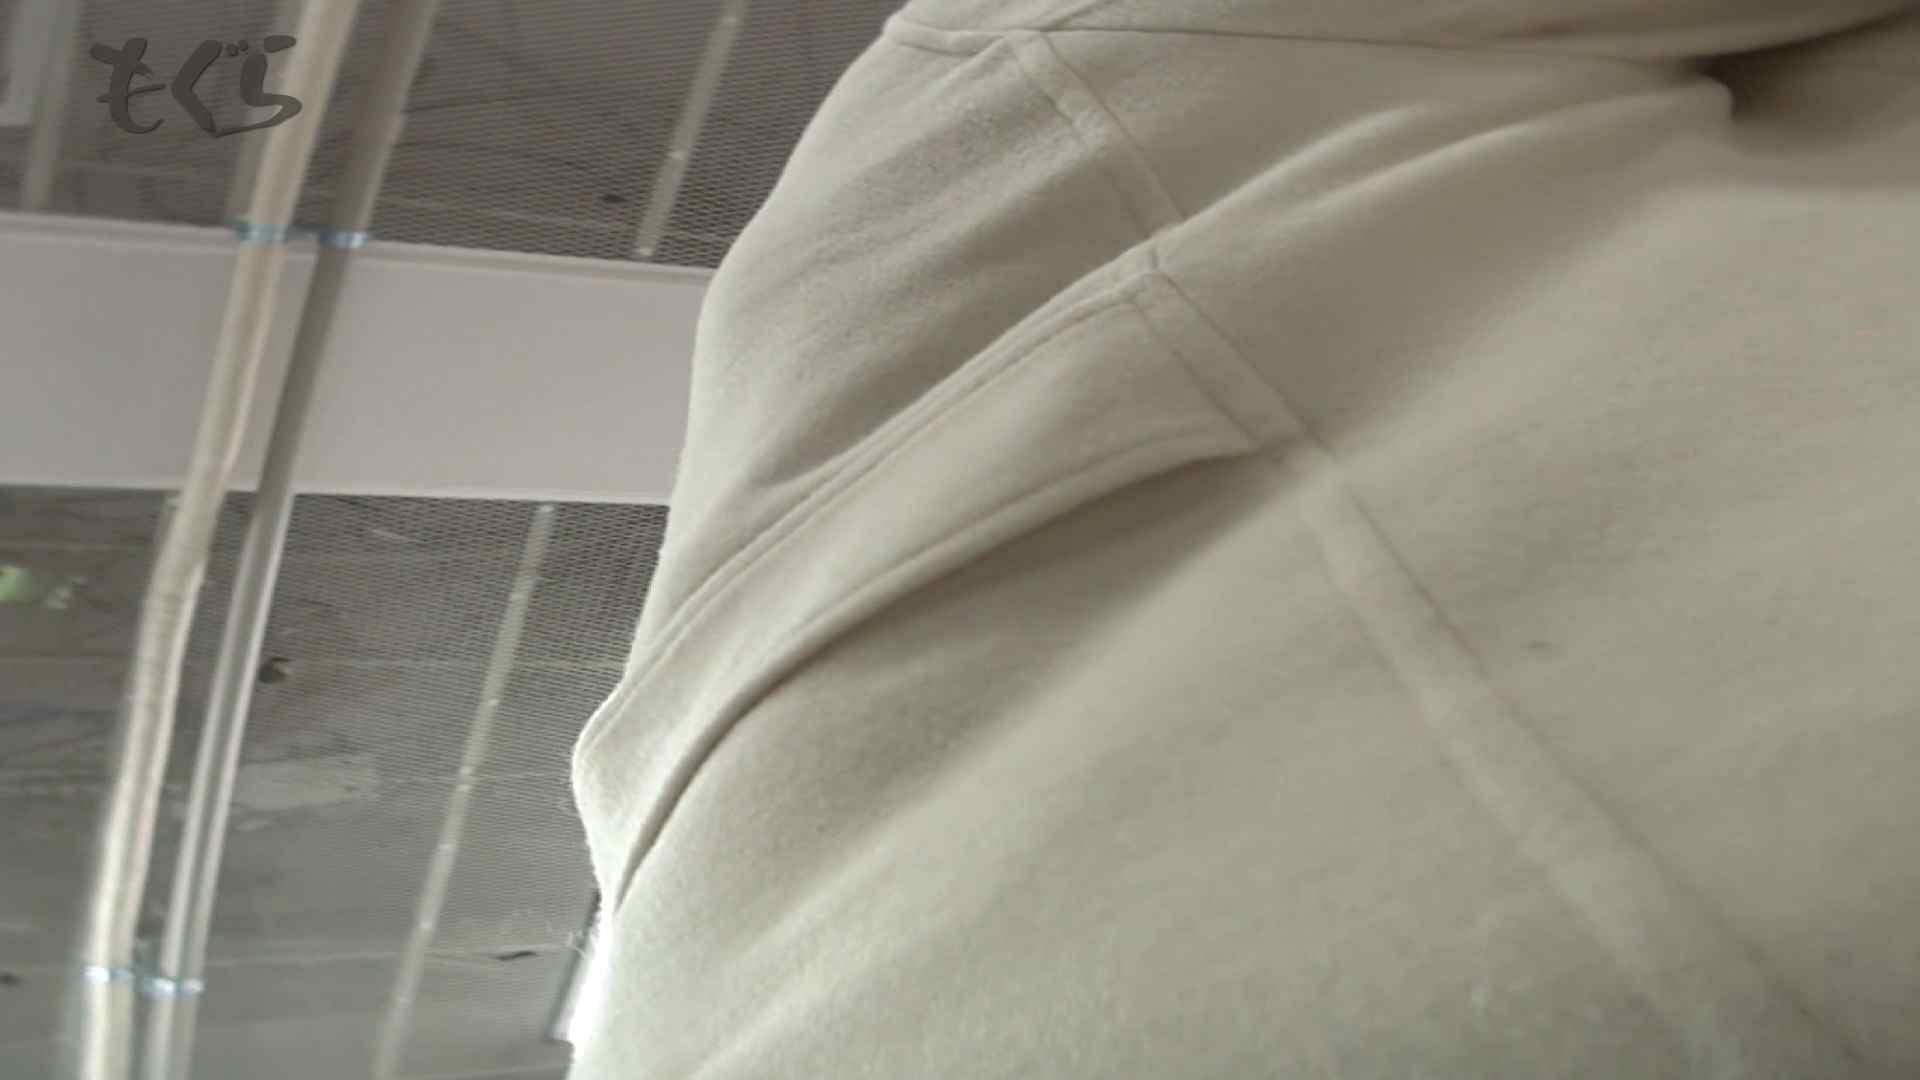 隣からNo27 清楚系お女市さん、買い物中は無防備です。 盗撮 エロ画像 62pic 11